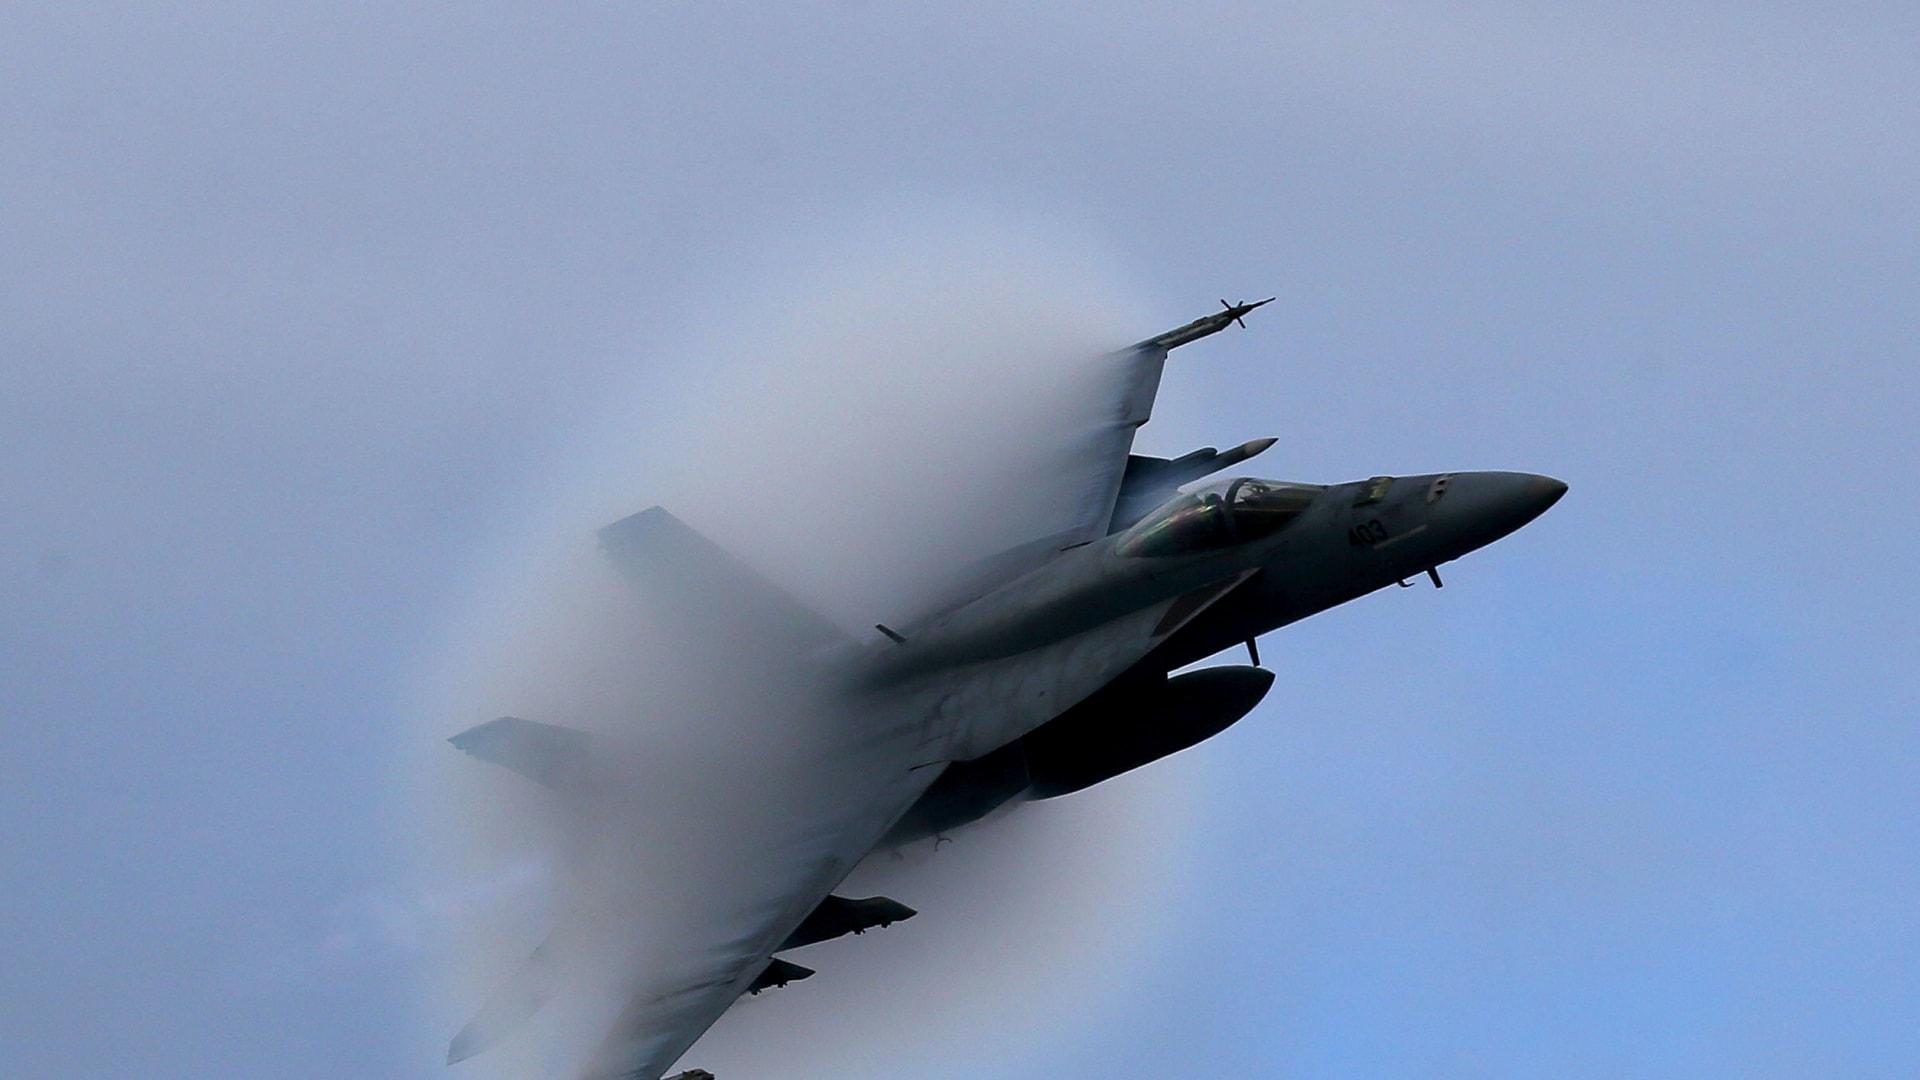 تخلق طائرة F18 Super Hornet مخروط بخار أثناء تحليقها بسرعة فوق ناقلة USS Eisenhower قبالة سواحل فيرجينيا ، 10 ديسمبر 2015